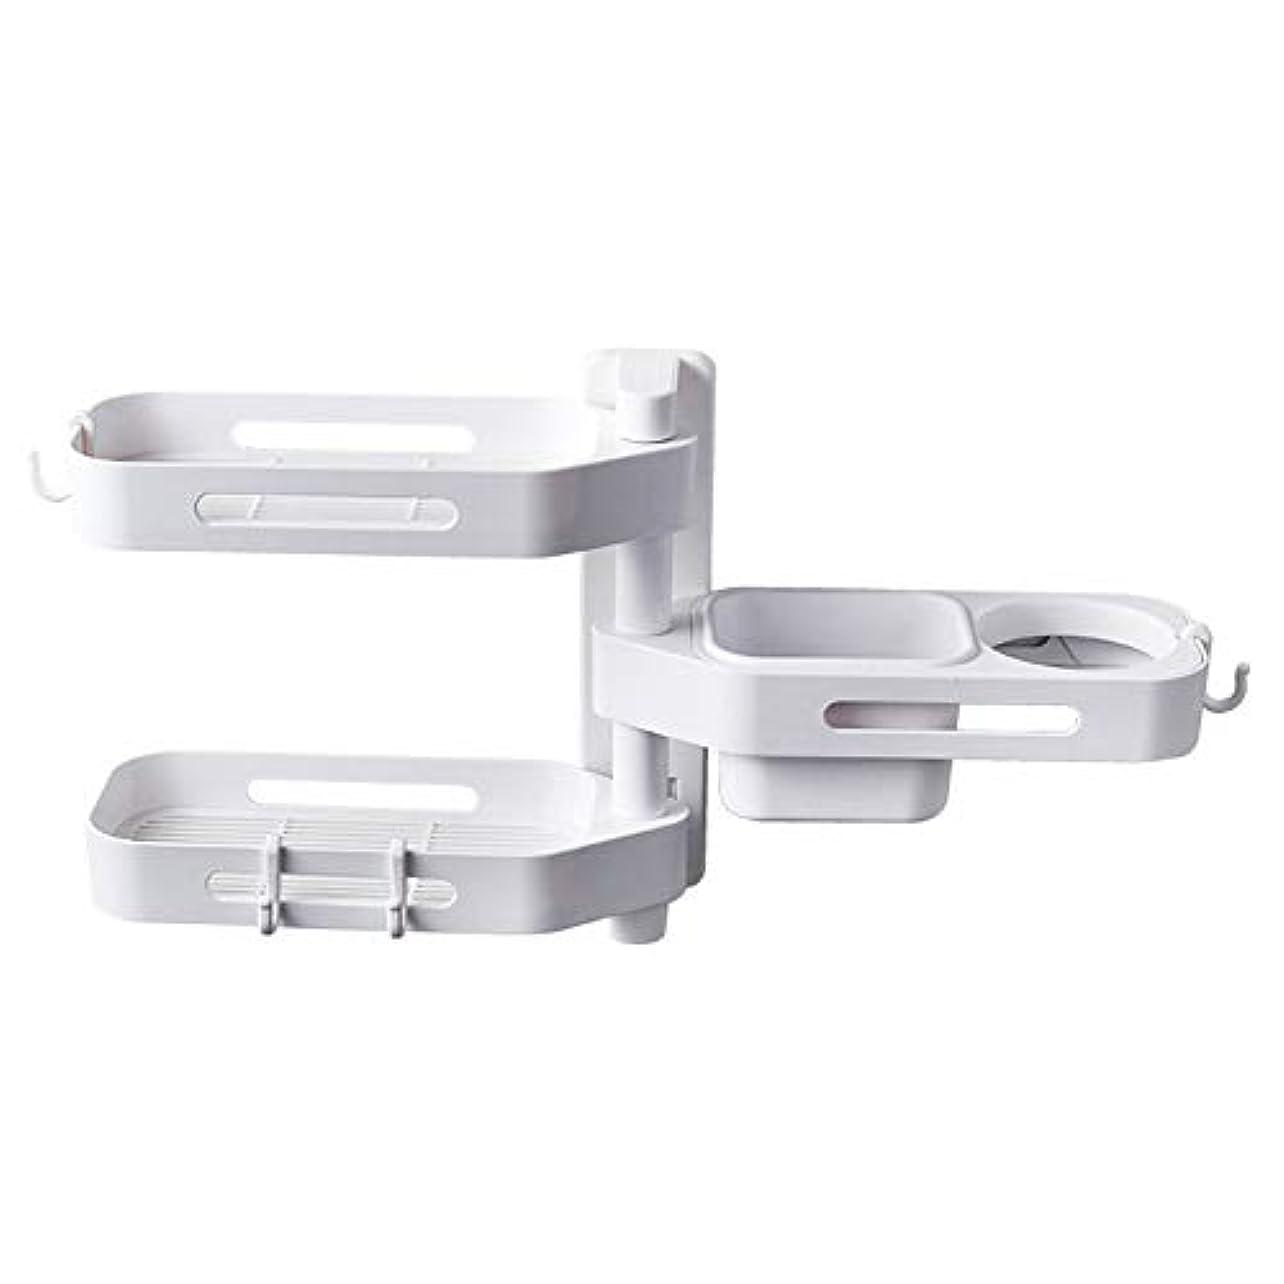 洞察力半径カビCoolTack 3層ソープトレイプラスチック取り外し可能な収納オーガナイザーを回転させるソープディッシュ接着剤ホルダー